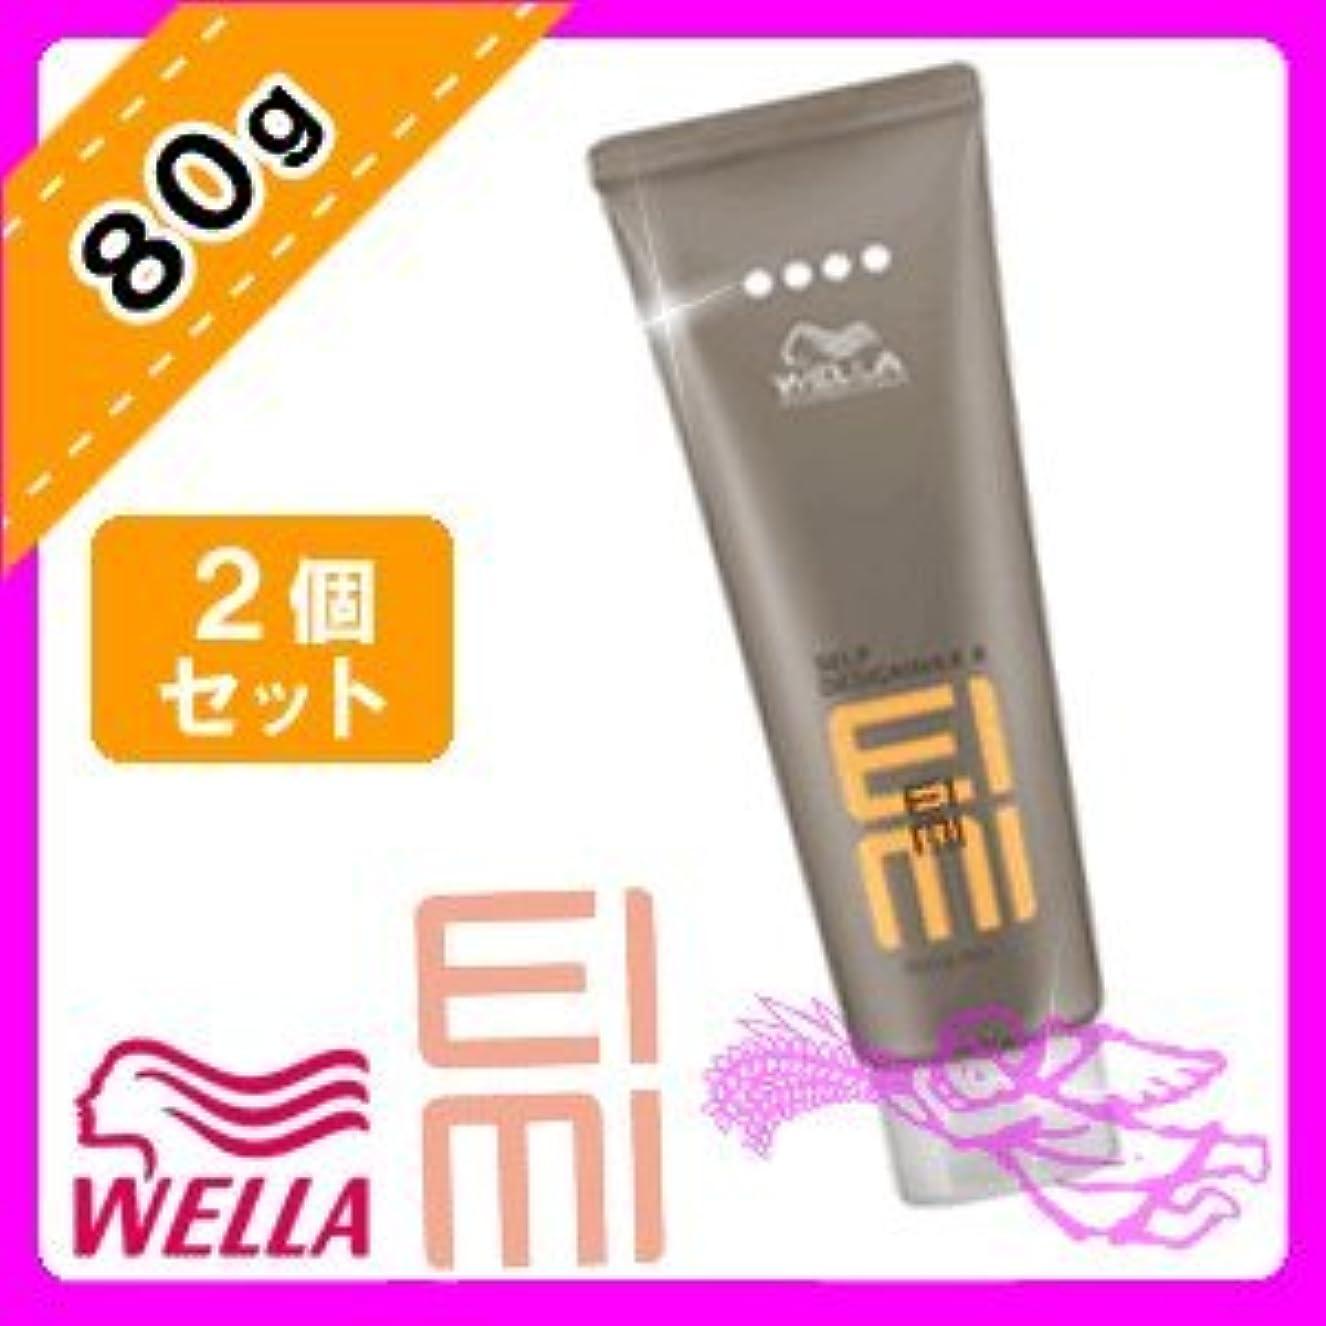 中で現象エスニックウエラ EIMI(アイミィ) セルフデザインワックス4 80g ×2個 セット WELLA P&G